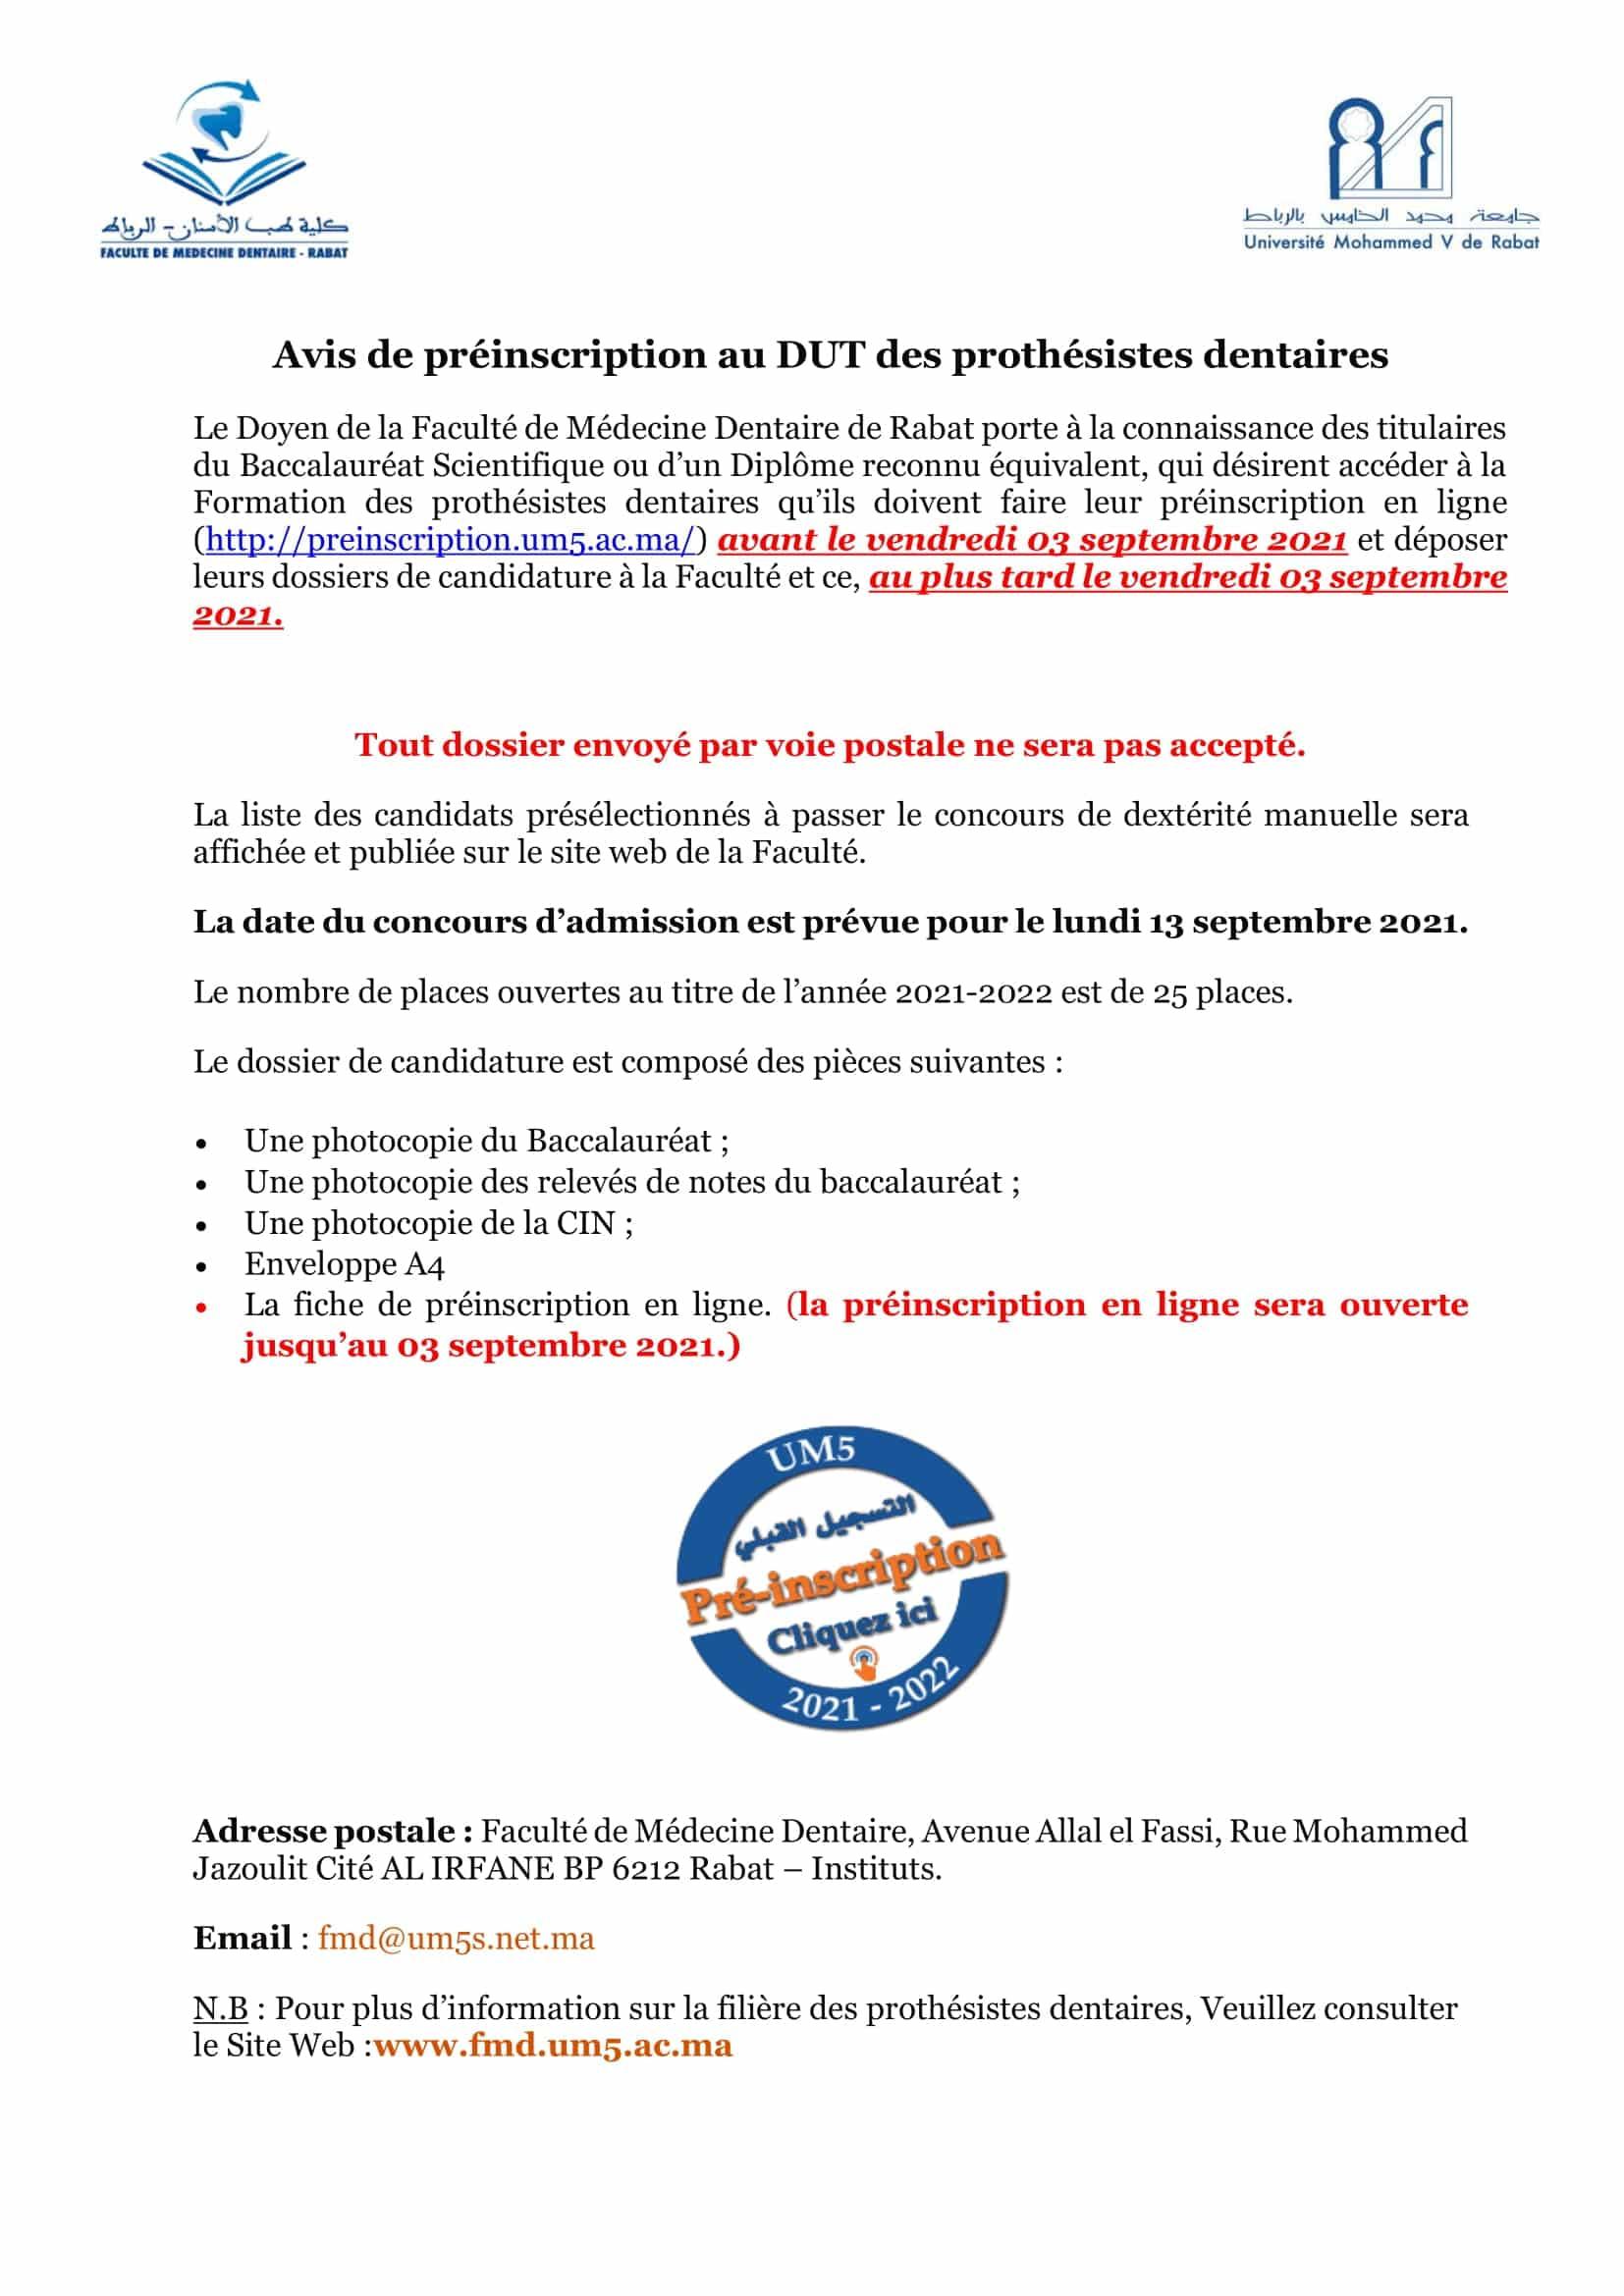 Avis DUT prothesiste version finale 1 Inscription Concours DUT Prothèses Dentaires FMD Rabat 2021/2022